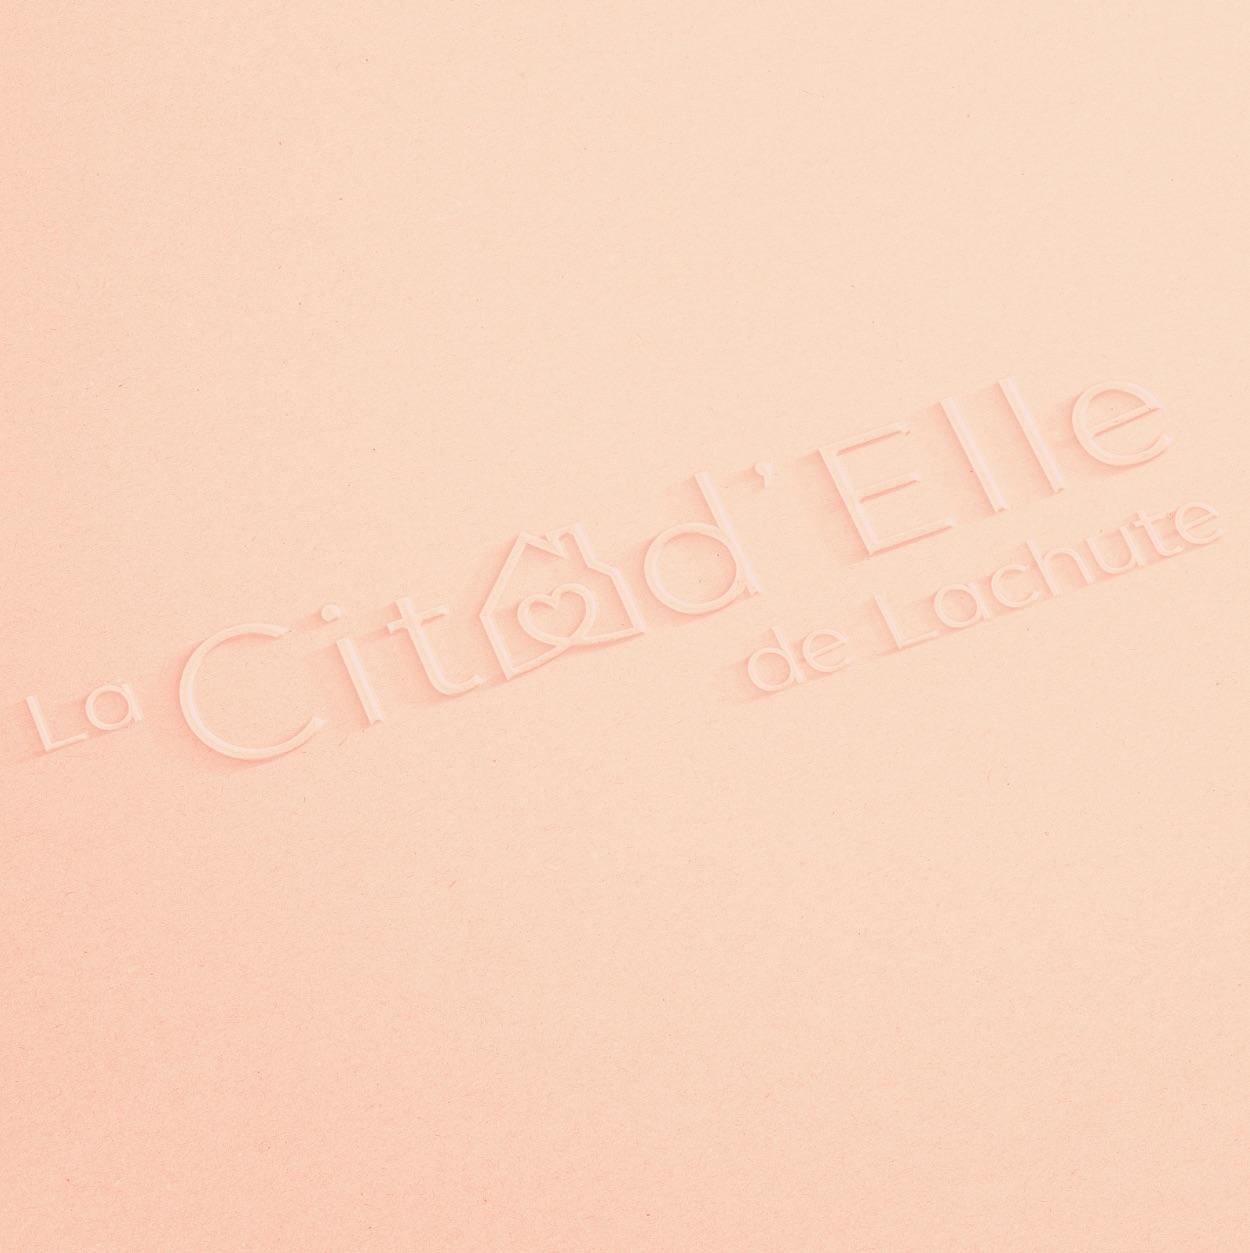 Logo féminin | Typographique linéaire | Citad'Elle de Lachute